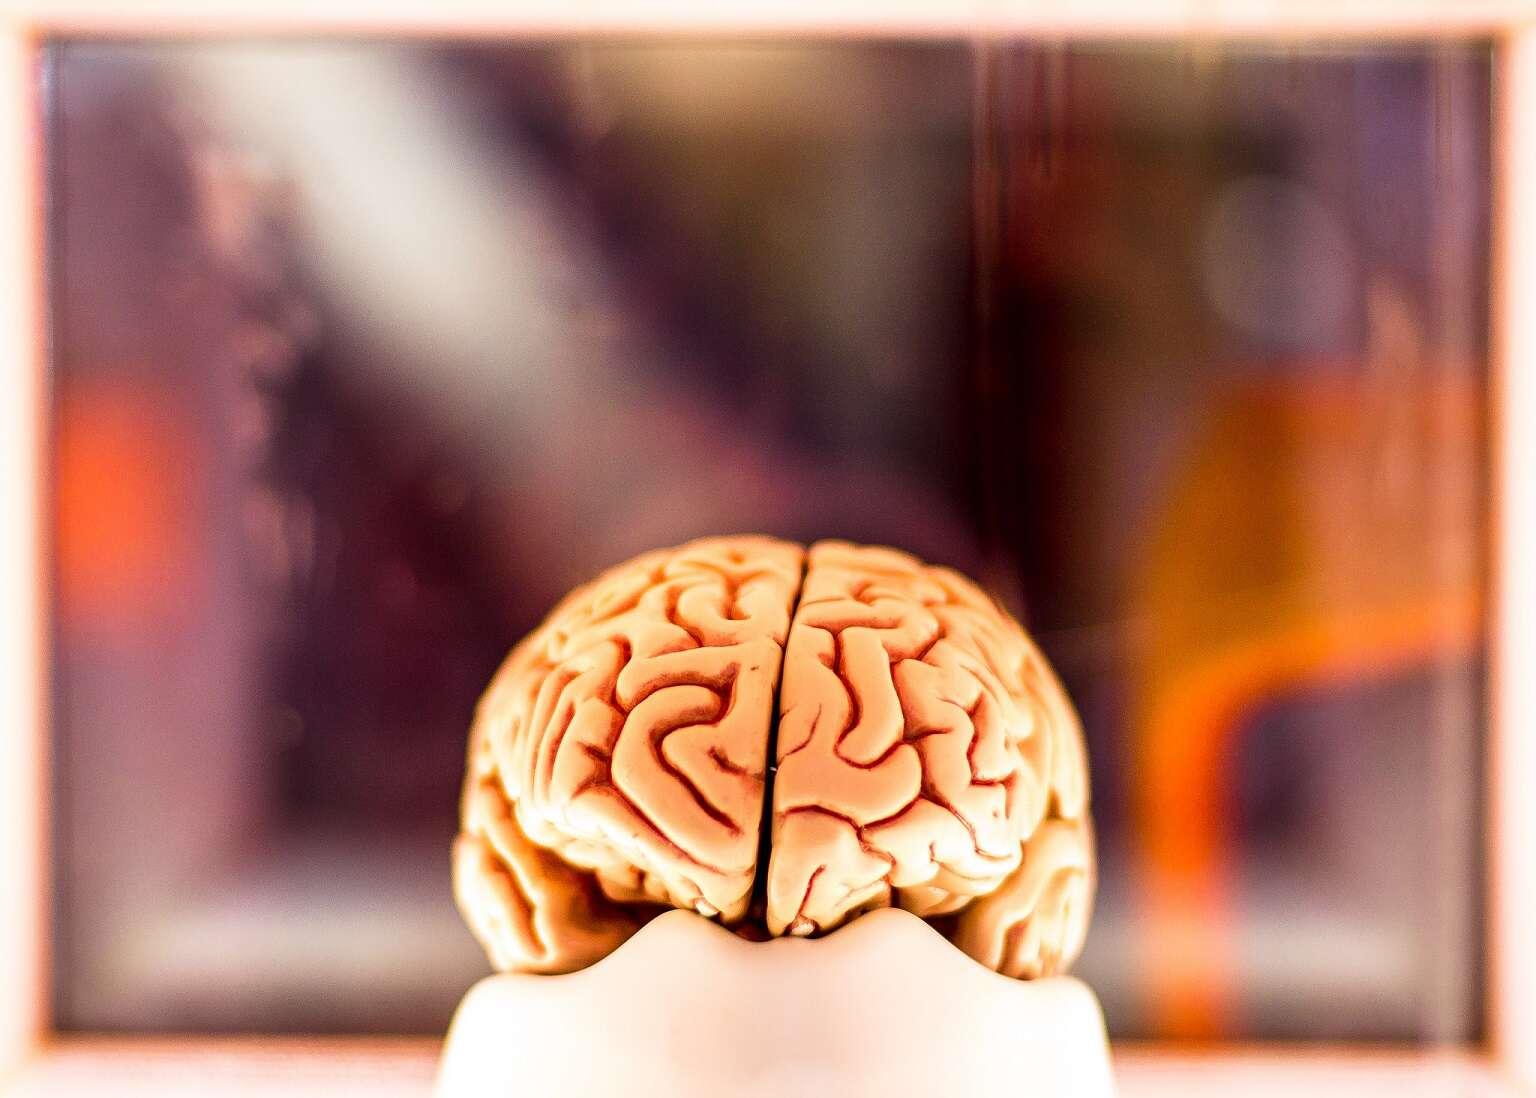 Le système nerveux central comprend l'encéphale et la moelle épinière. © Christian Weidinger, Flickr, CC by nc nd 2.0